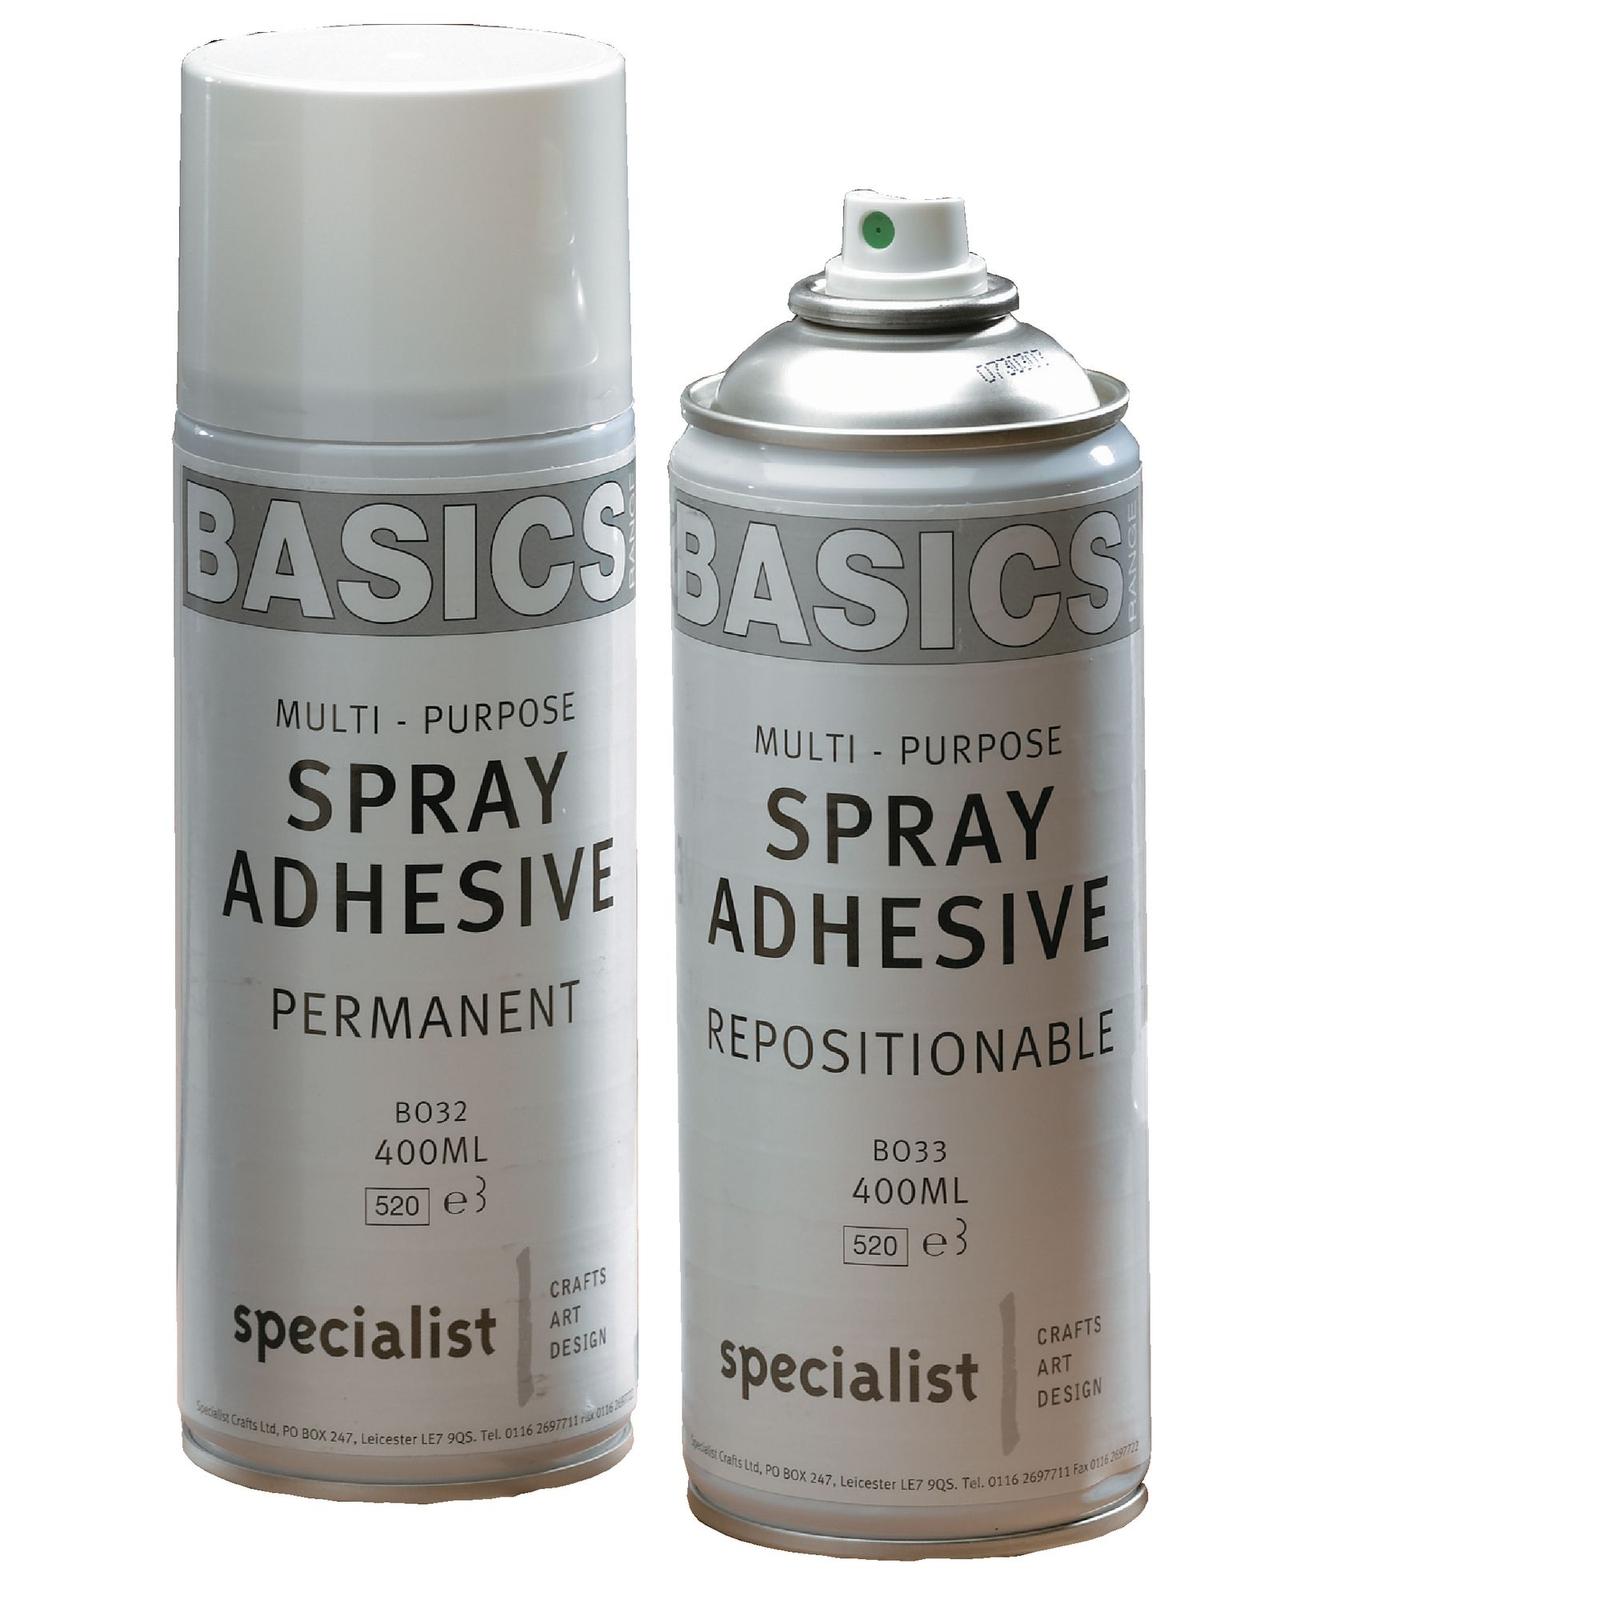 Basics Re-Tak Spray Adhesive